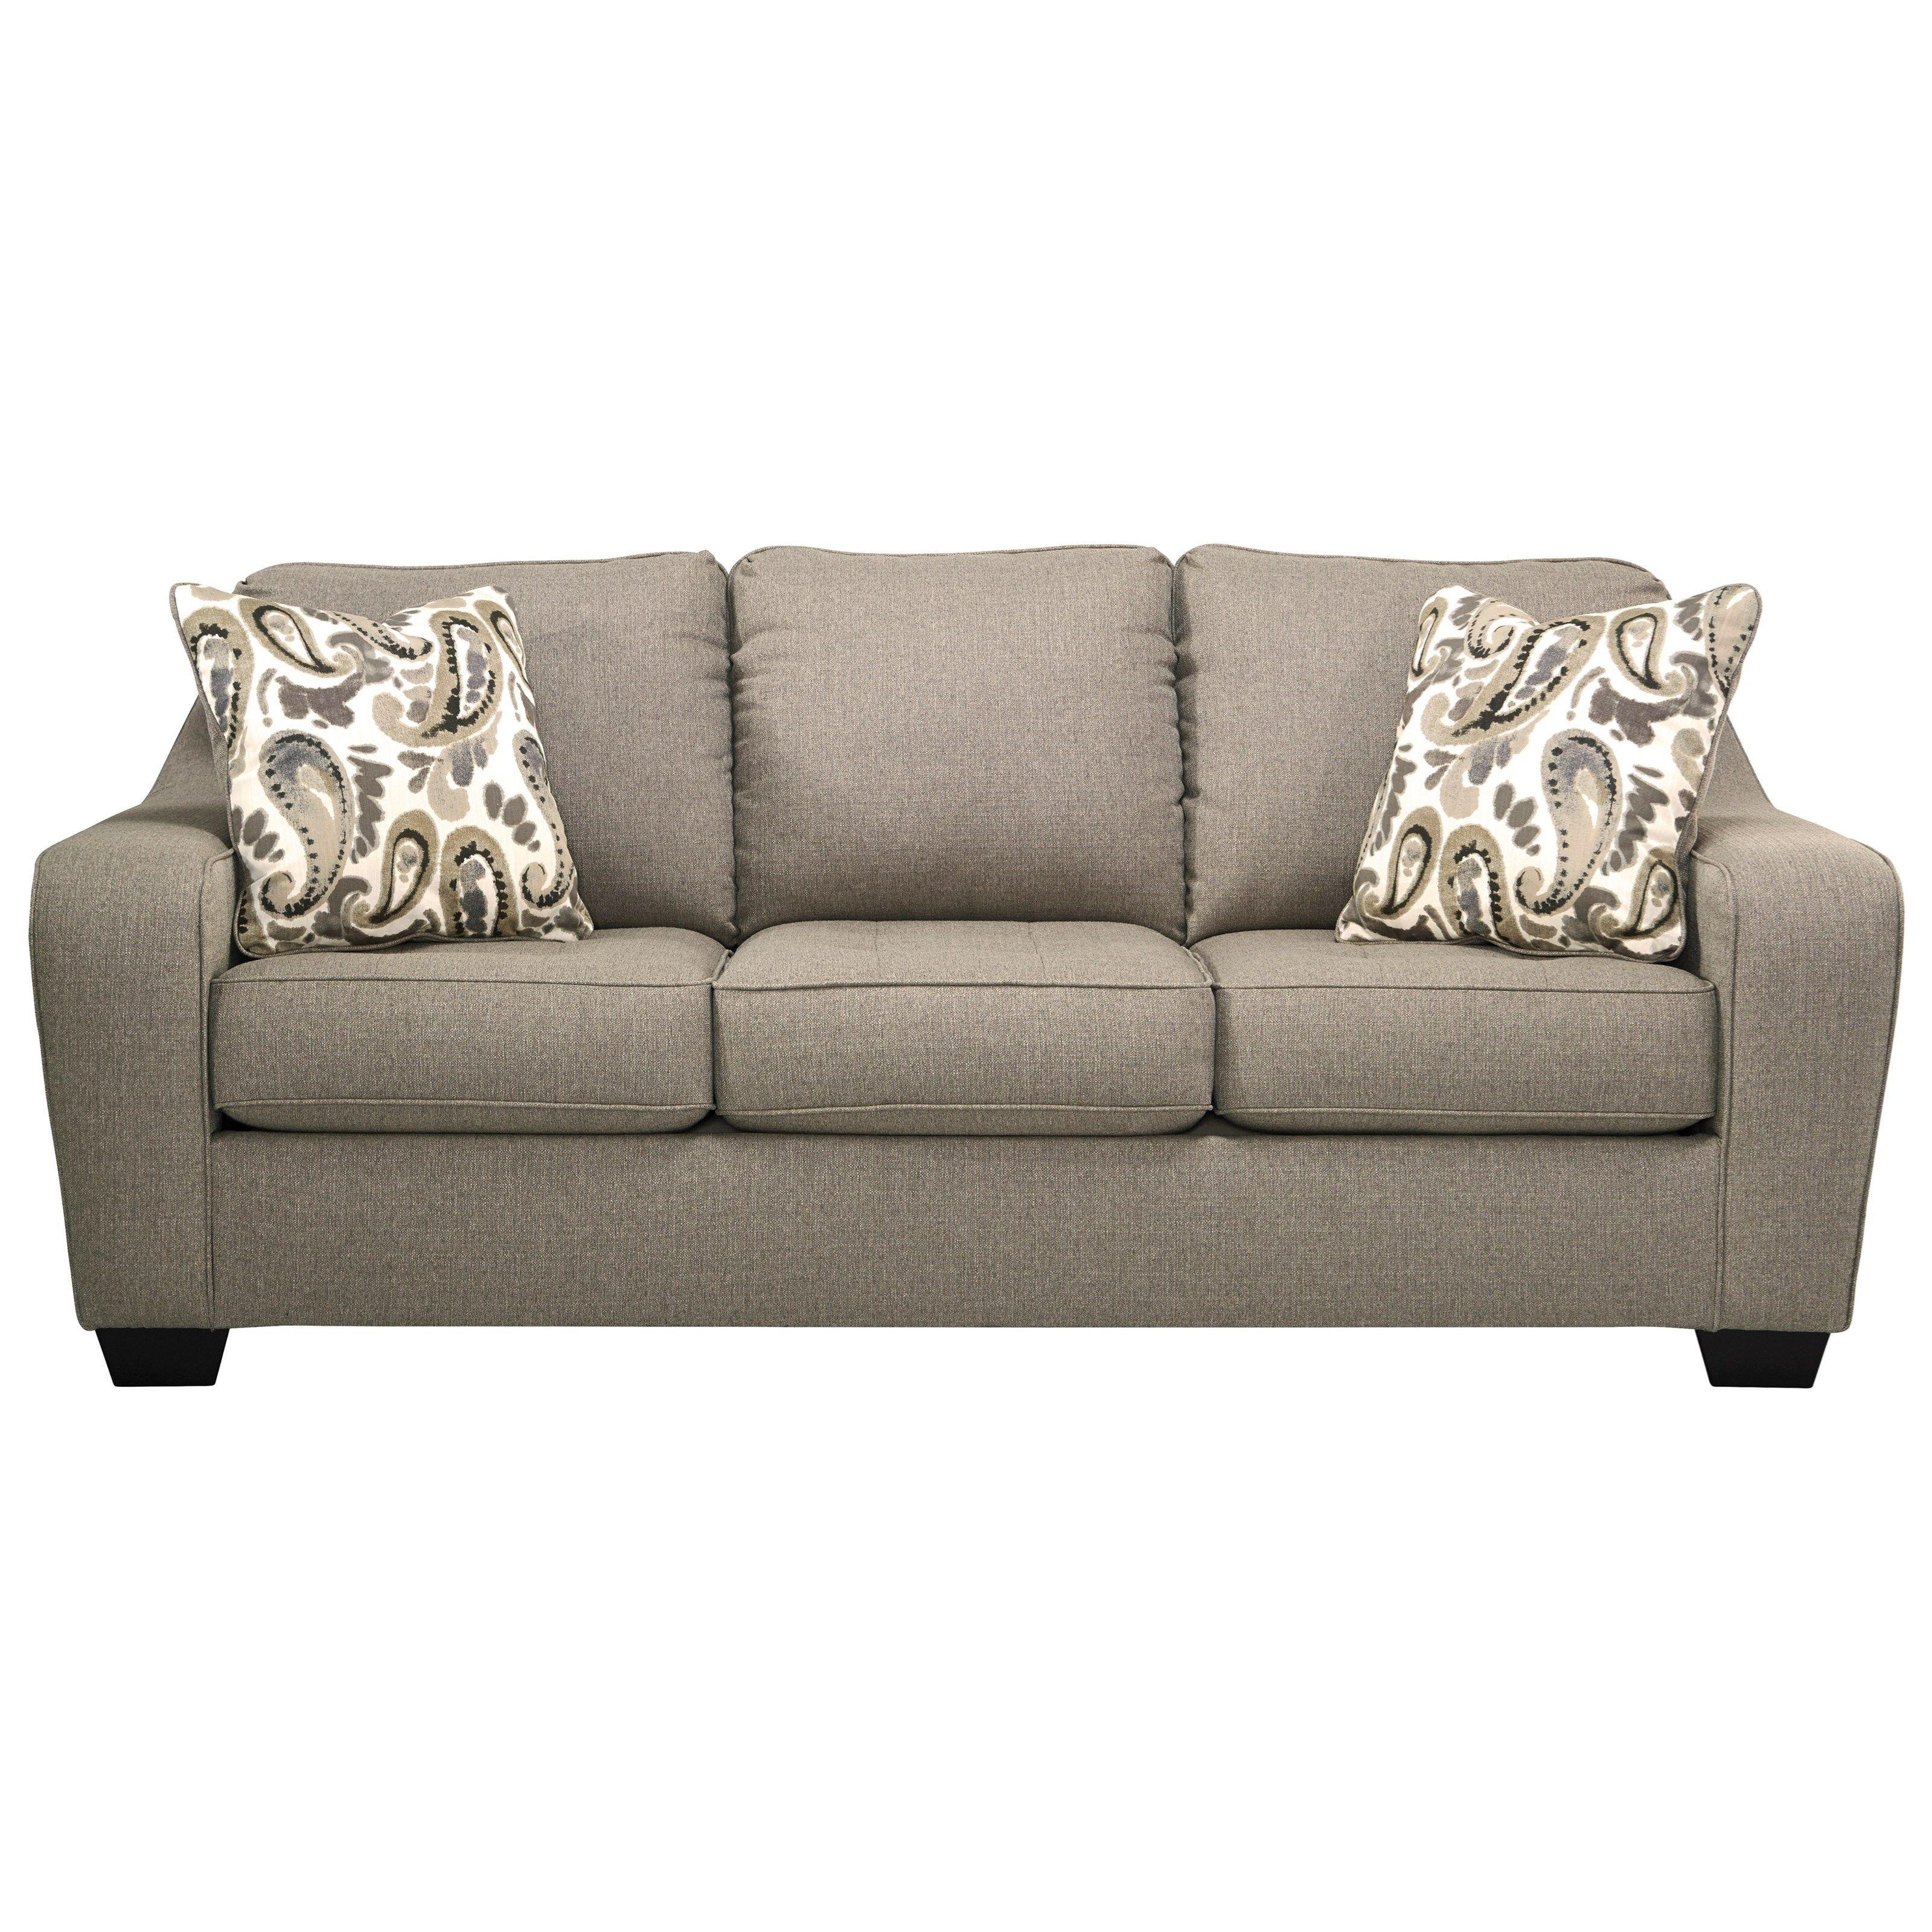 Arietta Sofa By Ashley Furniture Ashley Furniture Furniture Ashley Furniture Chairs